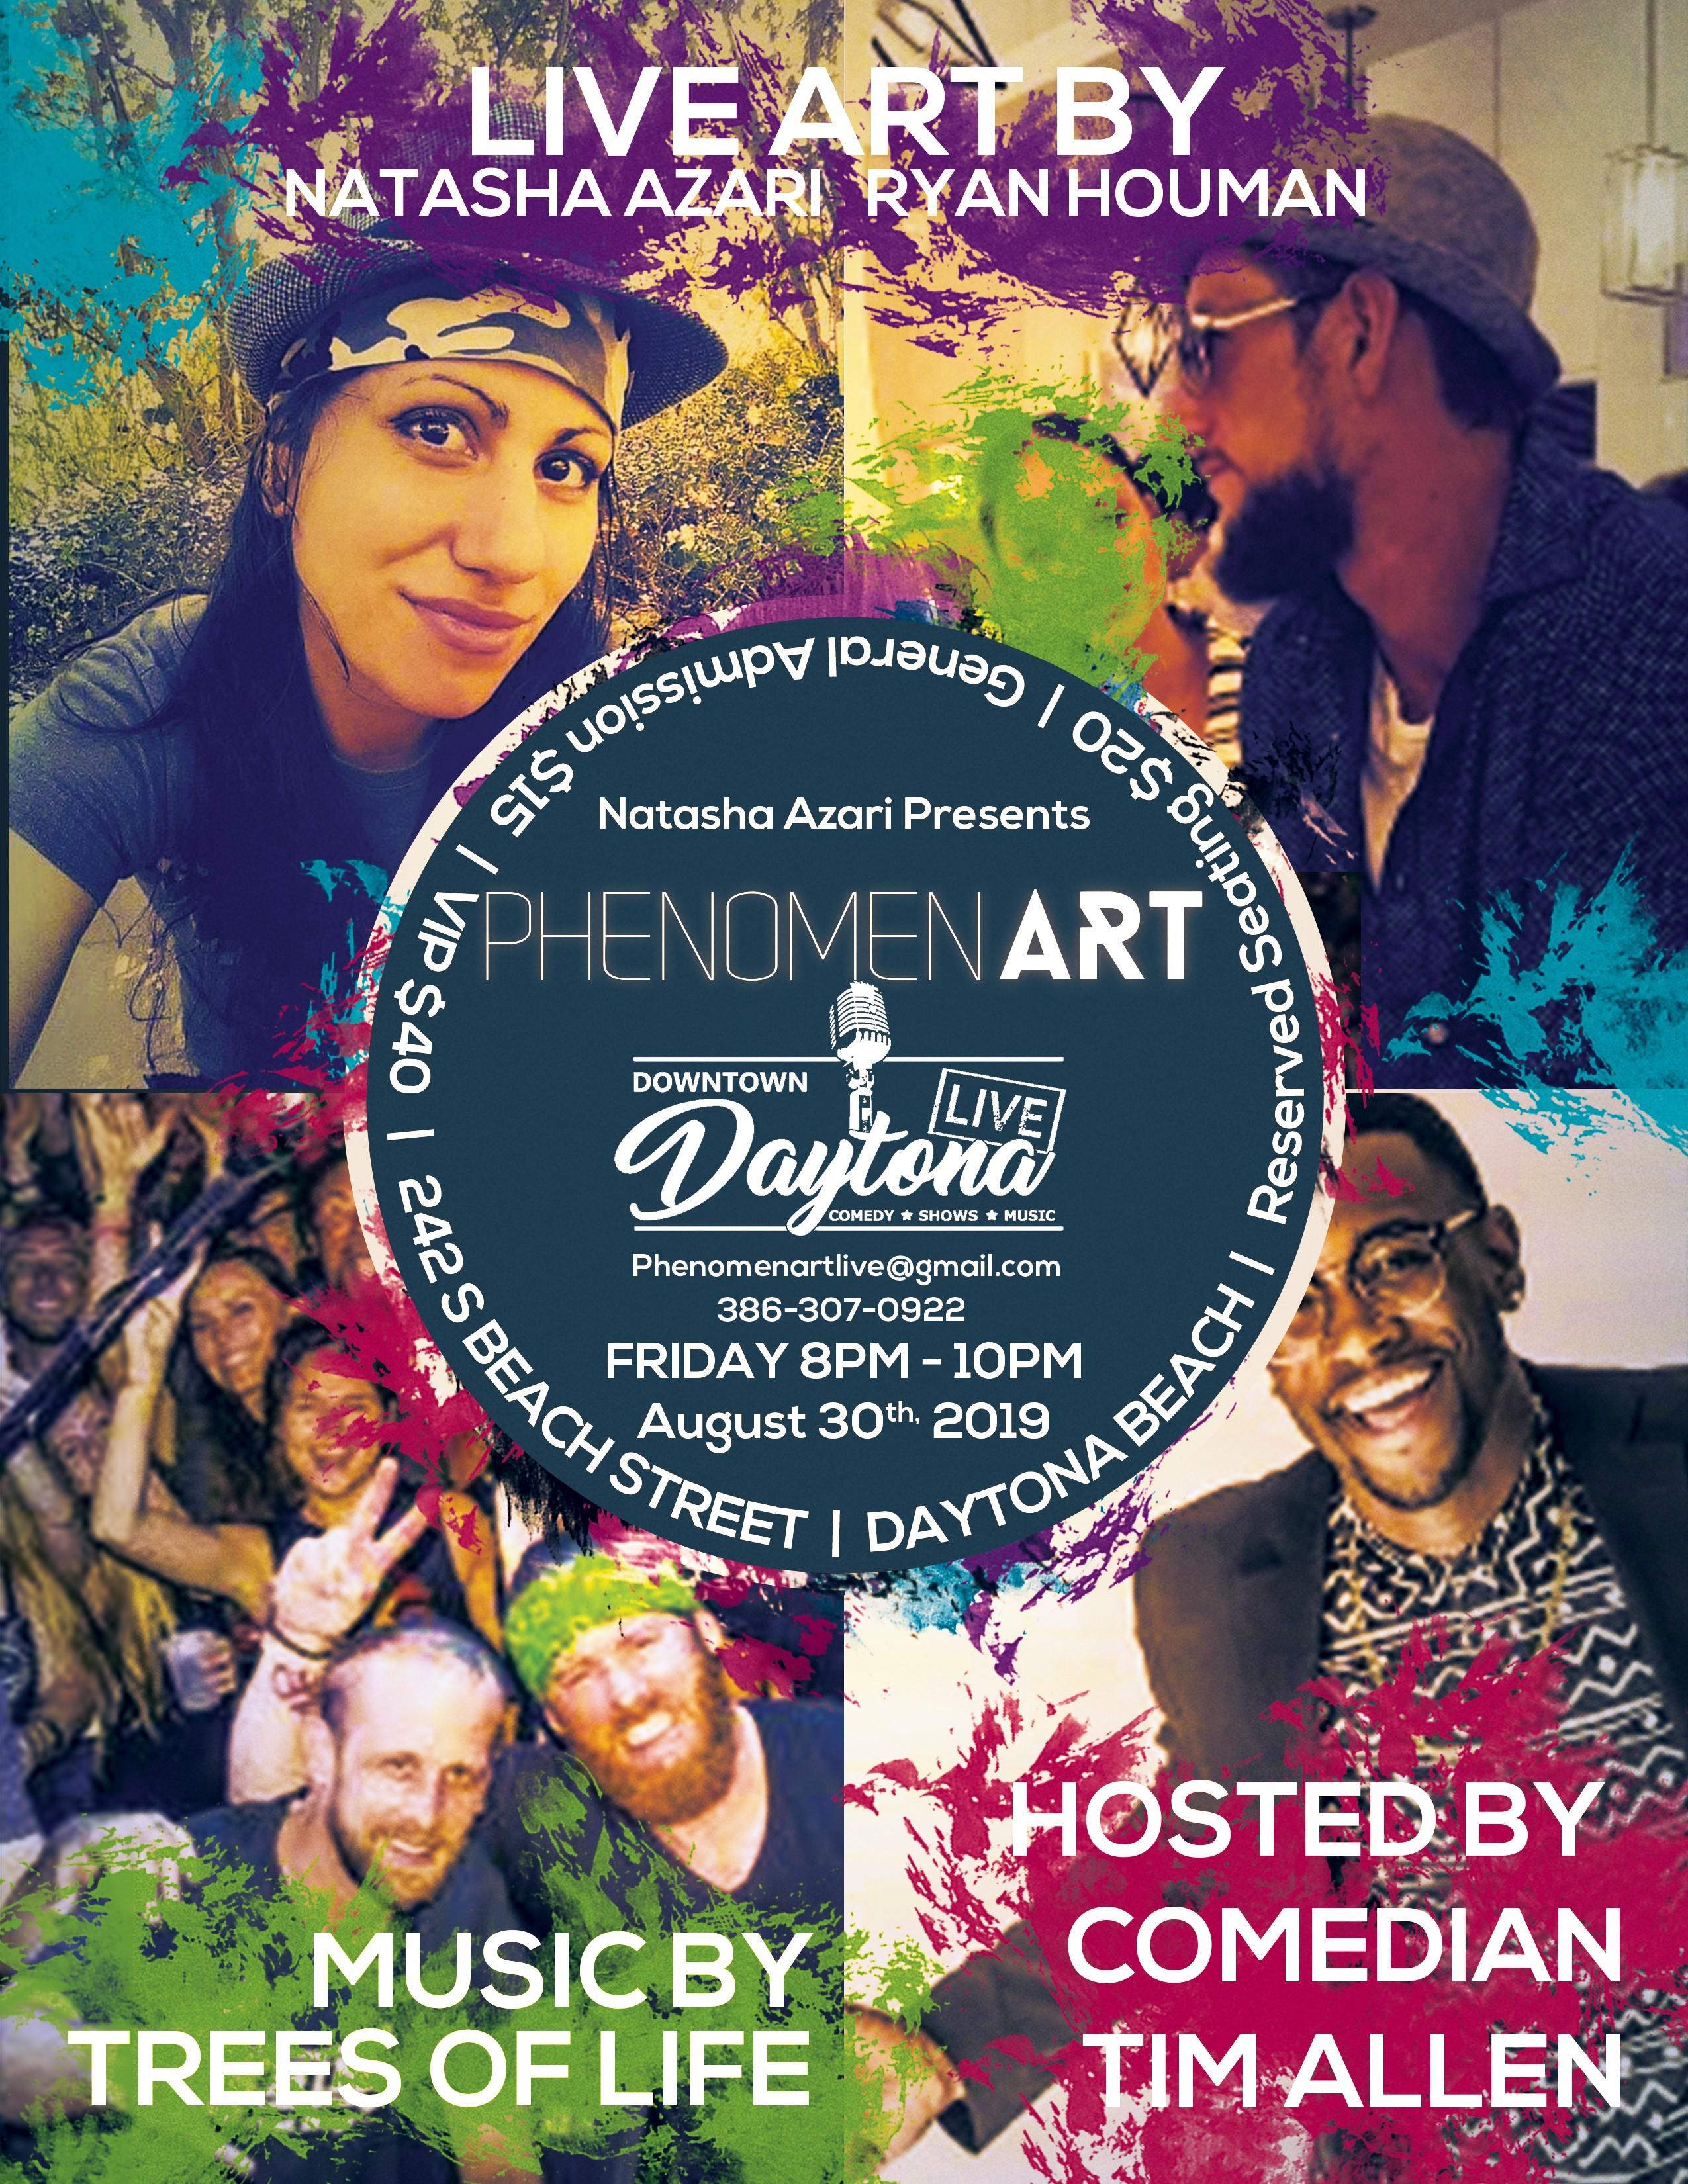 Flyer for new live artist showcase